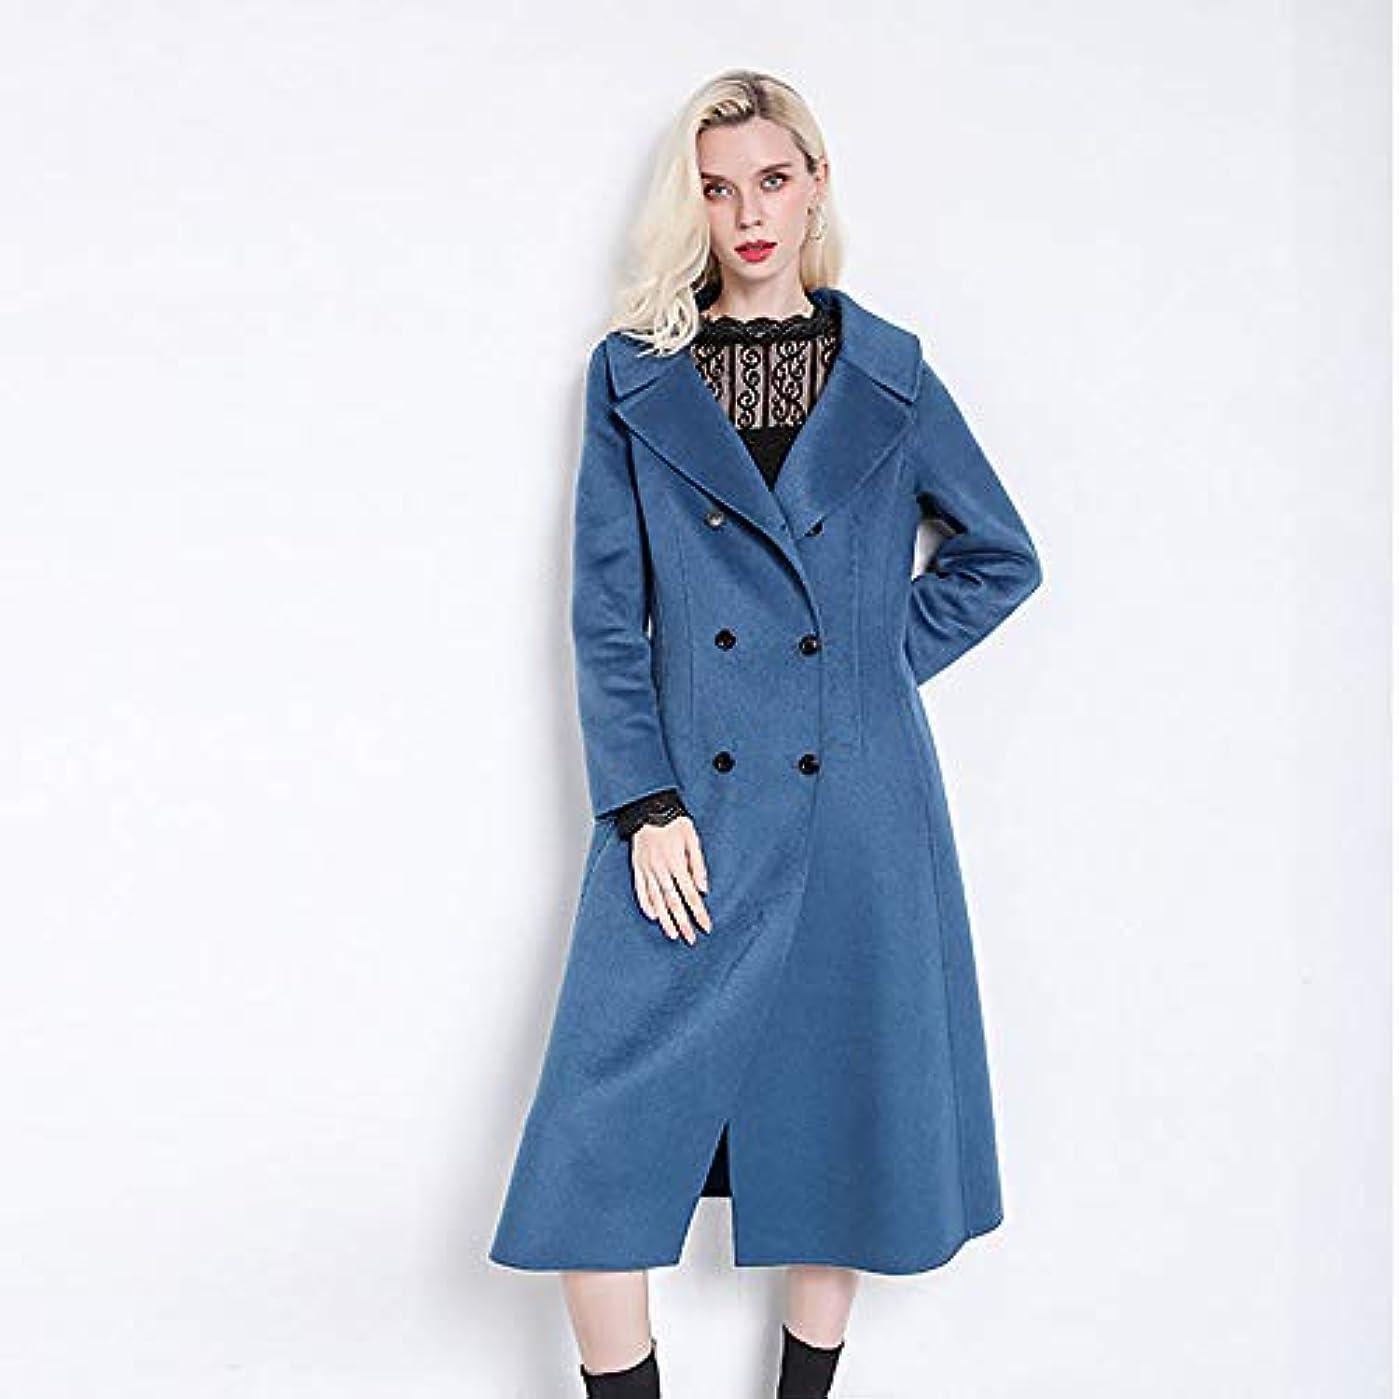 リア王無関心代わりのウールコート、秋と冬の新しいコート両面ウールコートレディースジャケットレディース?コートレディースウインドブレーカージャケット,ブルー,XL